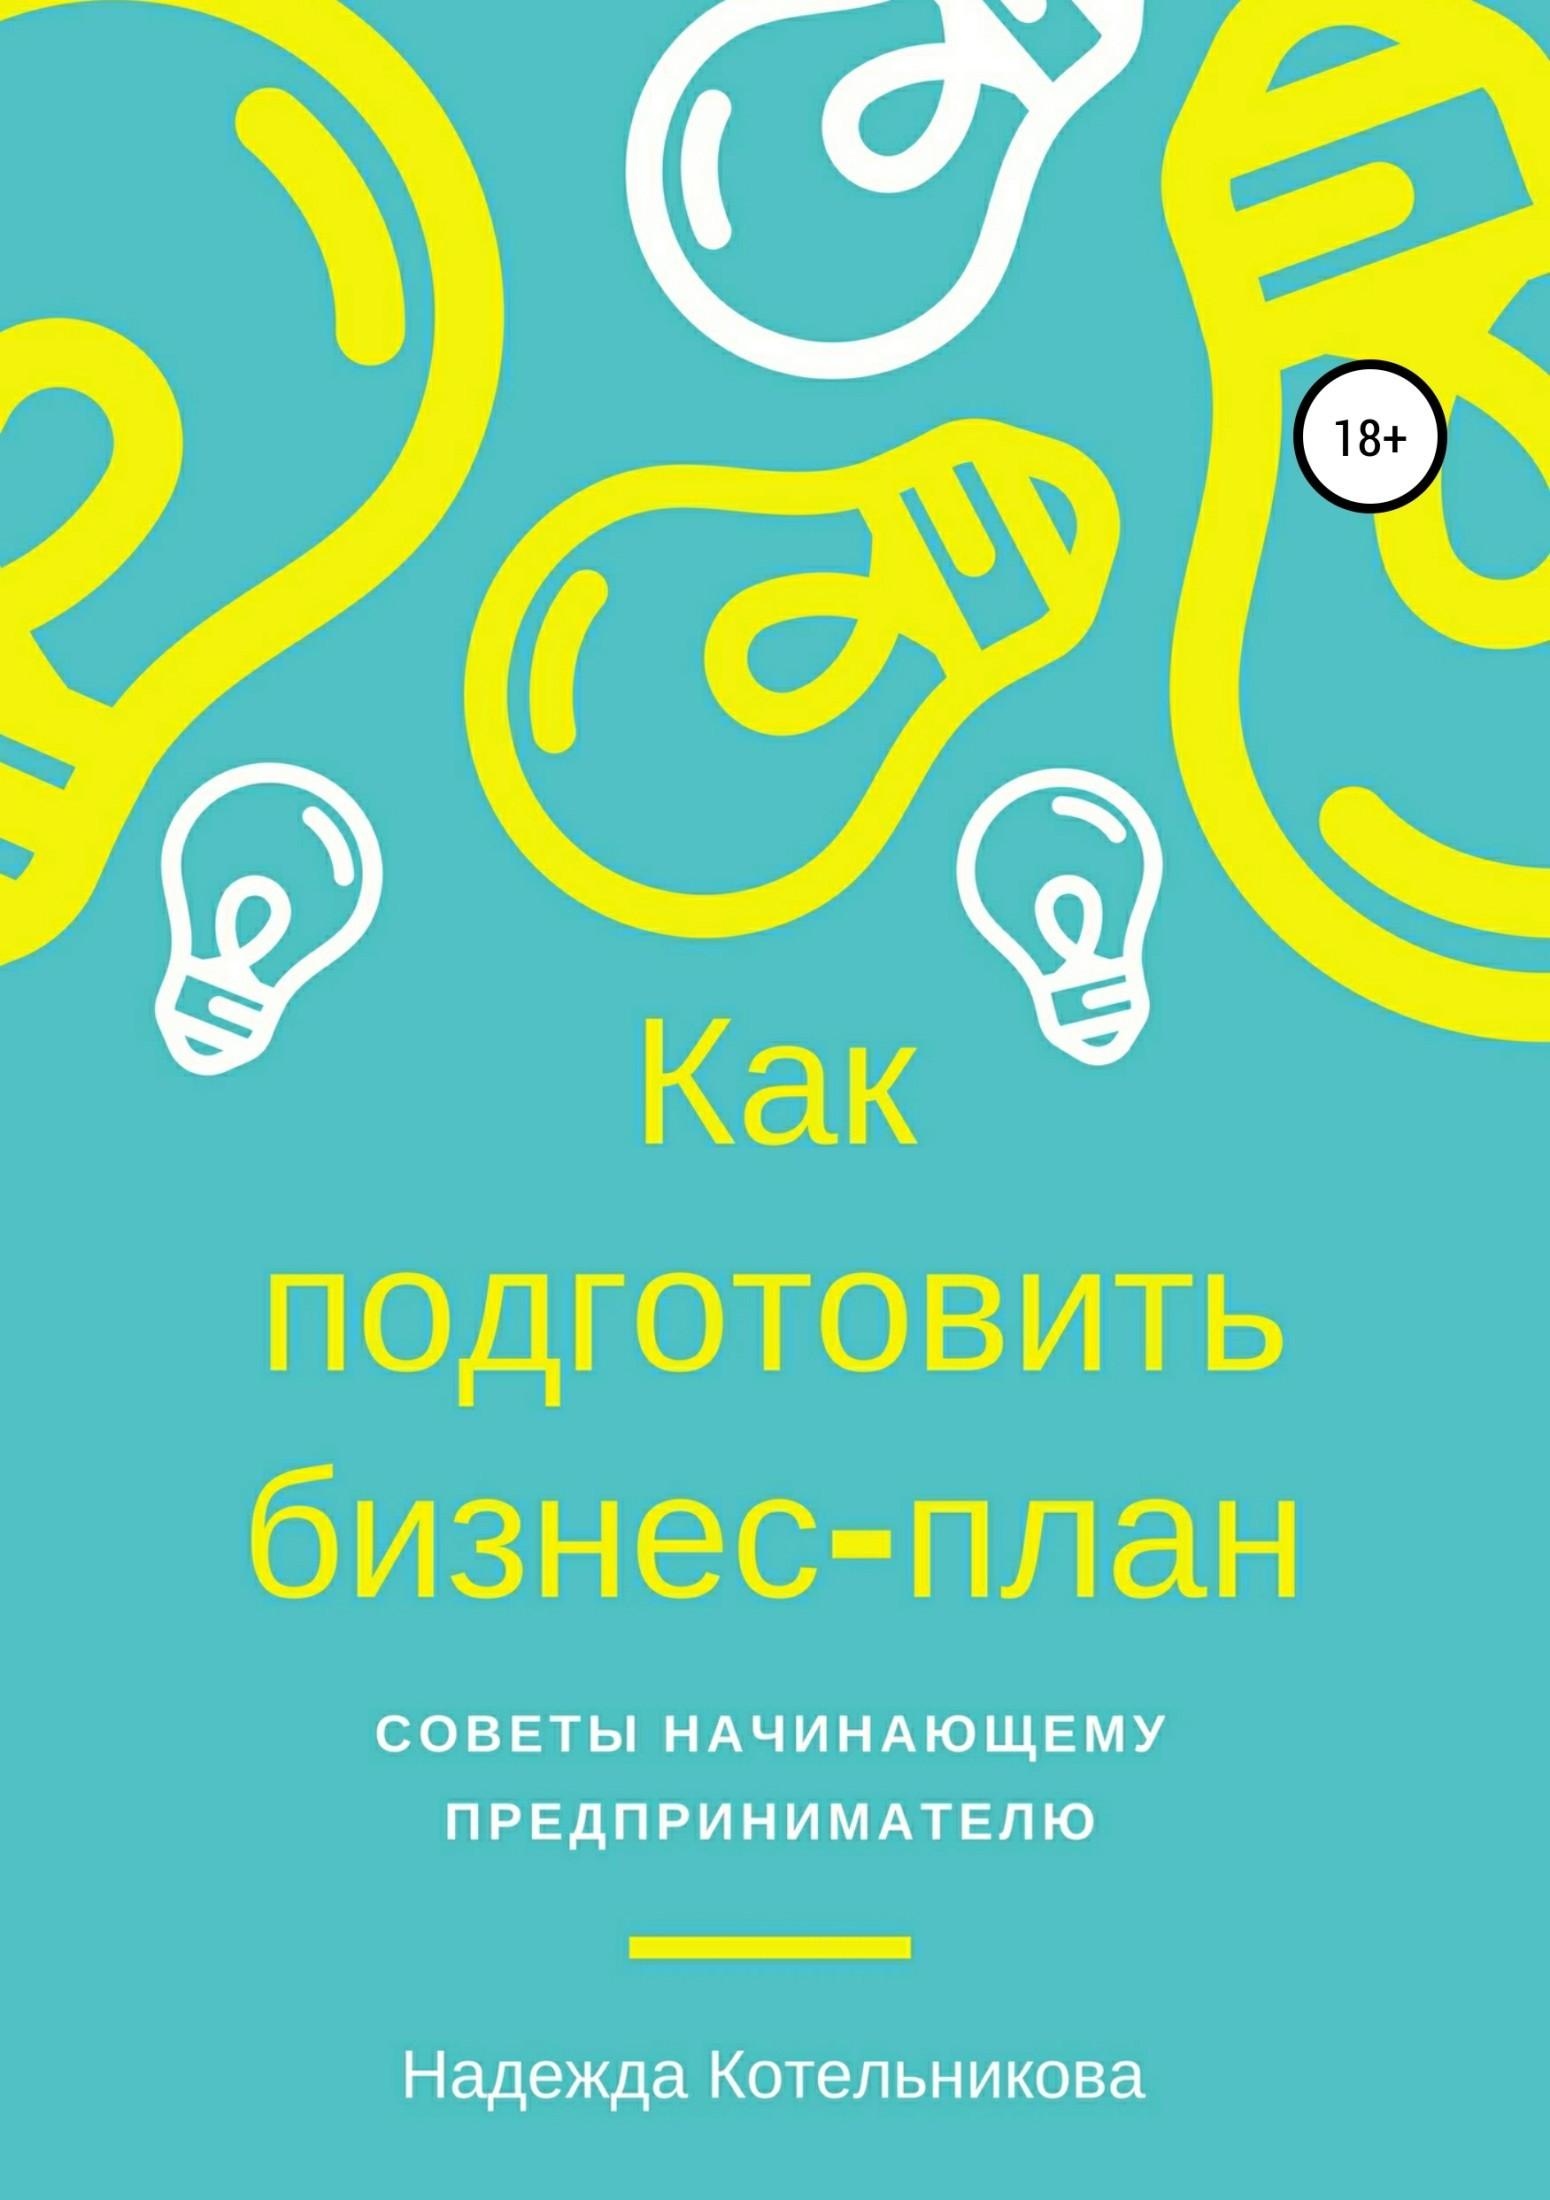 Обложка книги. Автор - Надежда Котельникова